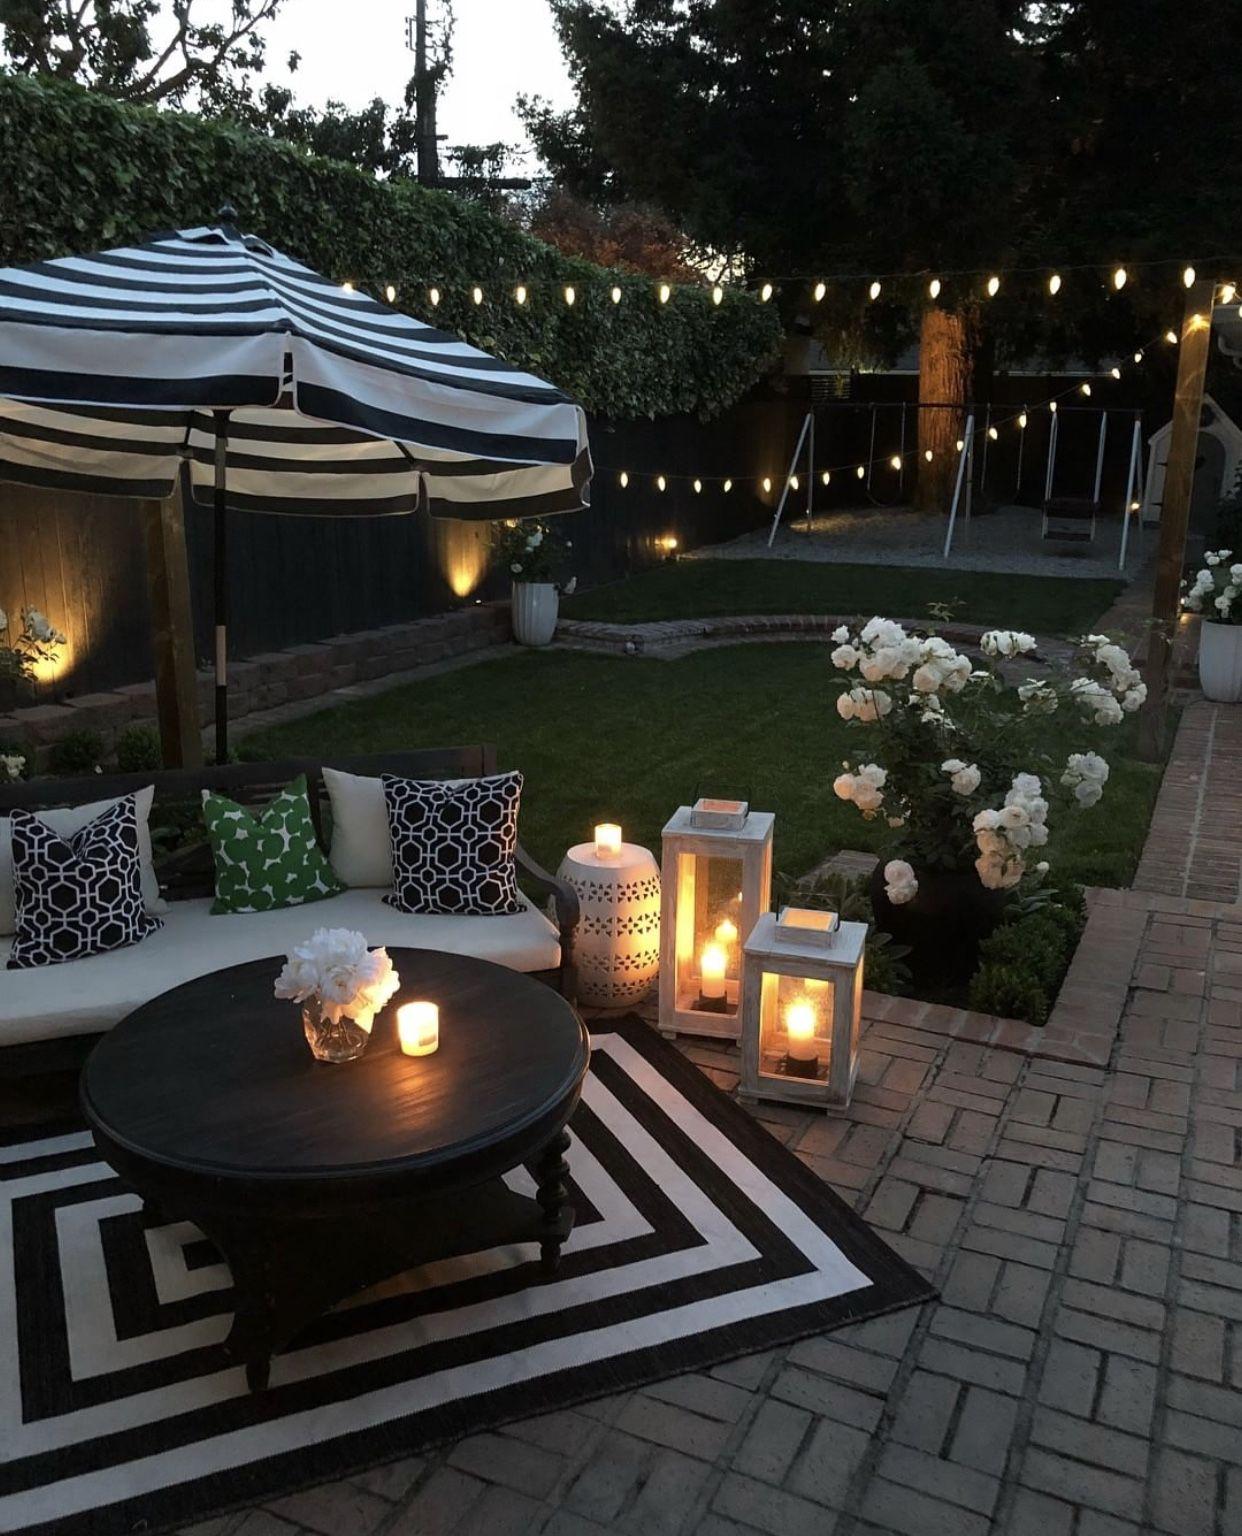 39 Pretty Small Garden Ideas: Patio Garden Ideas On A Budget, Small Backyard